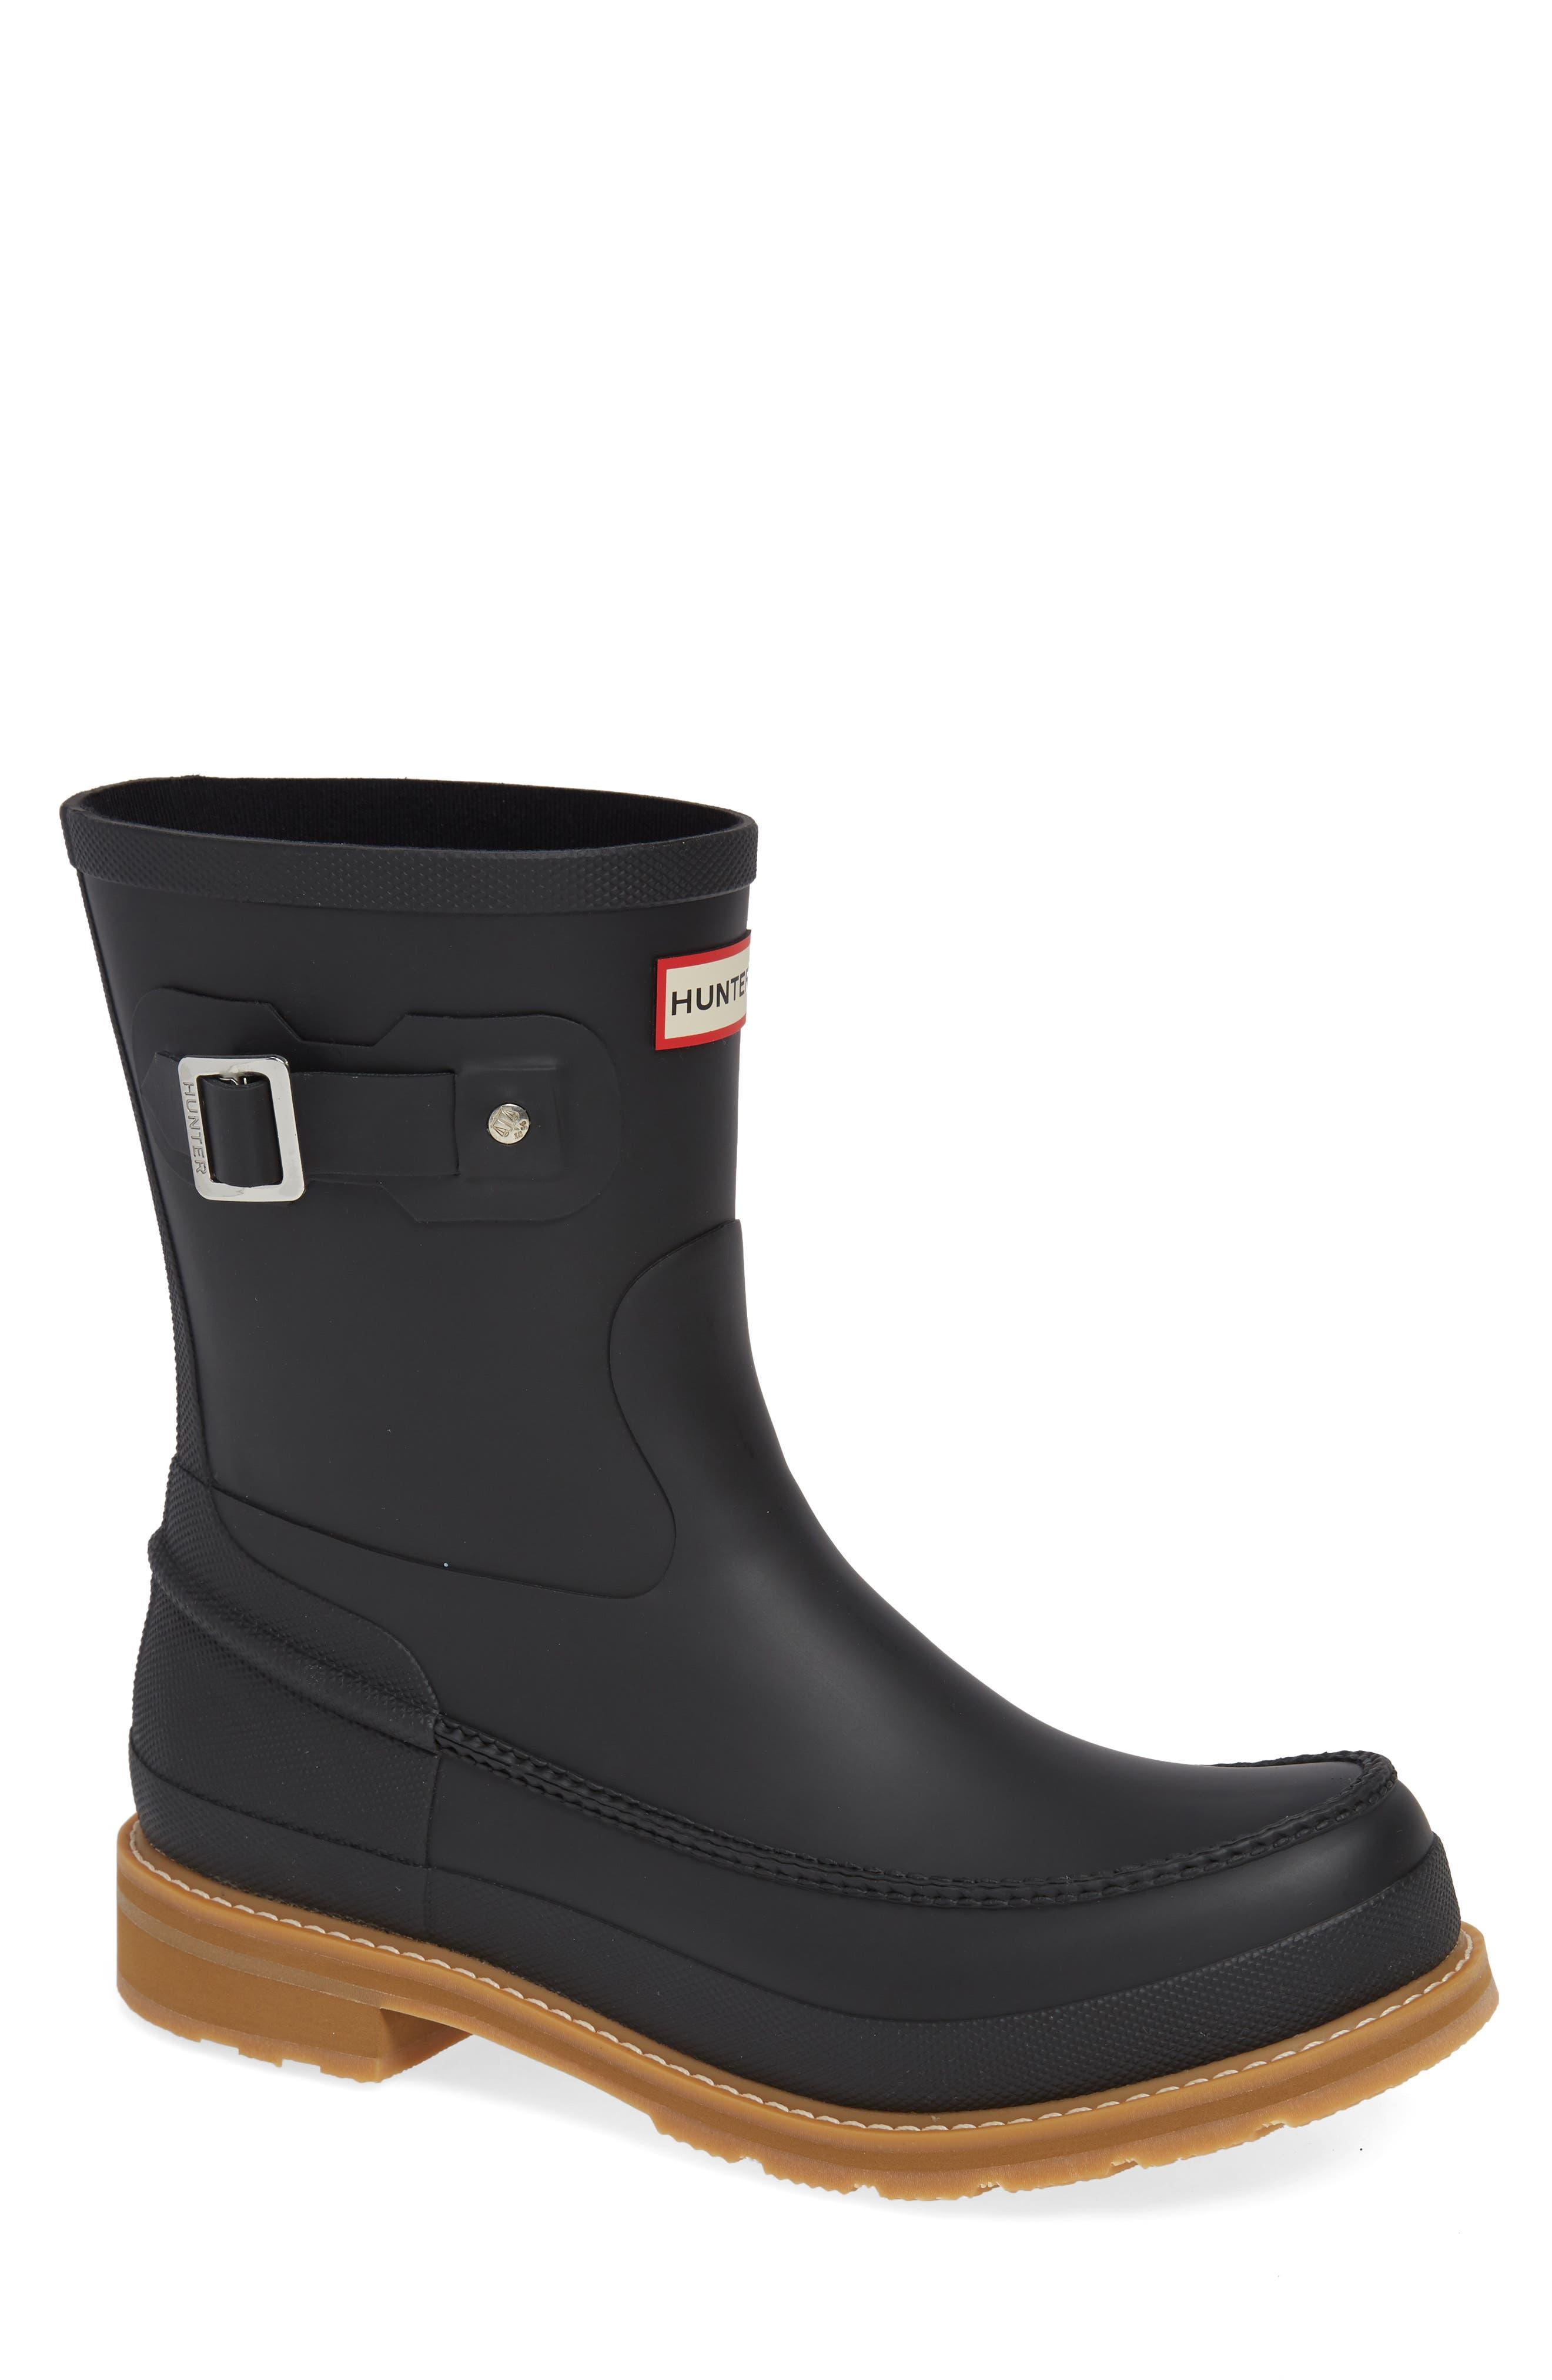 Hunter Waterproof Lightweight Short Boot, Black